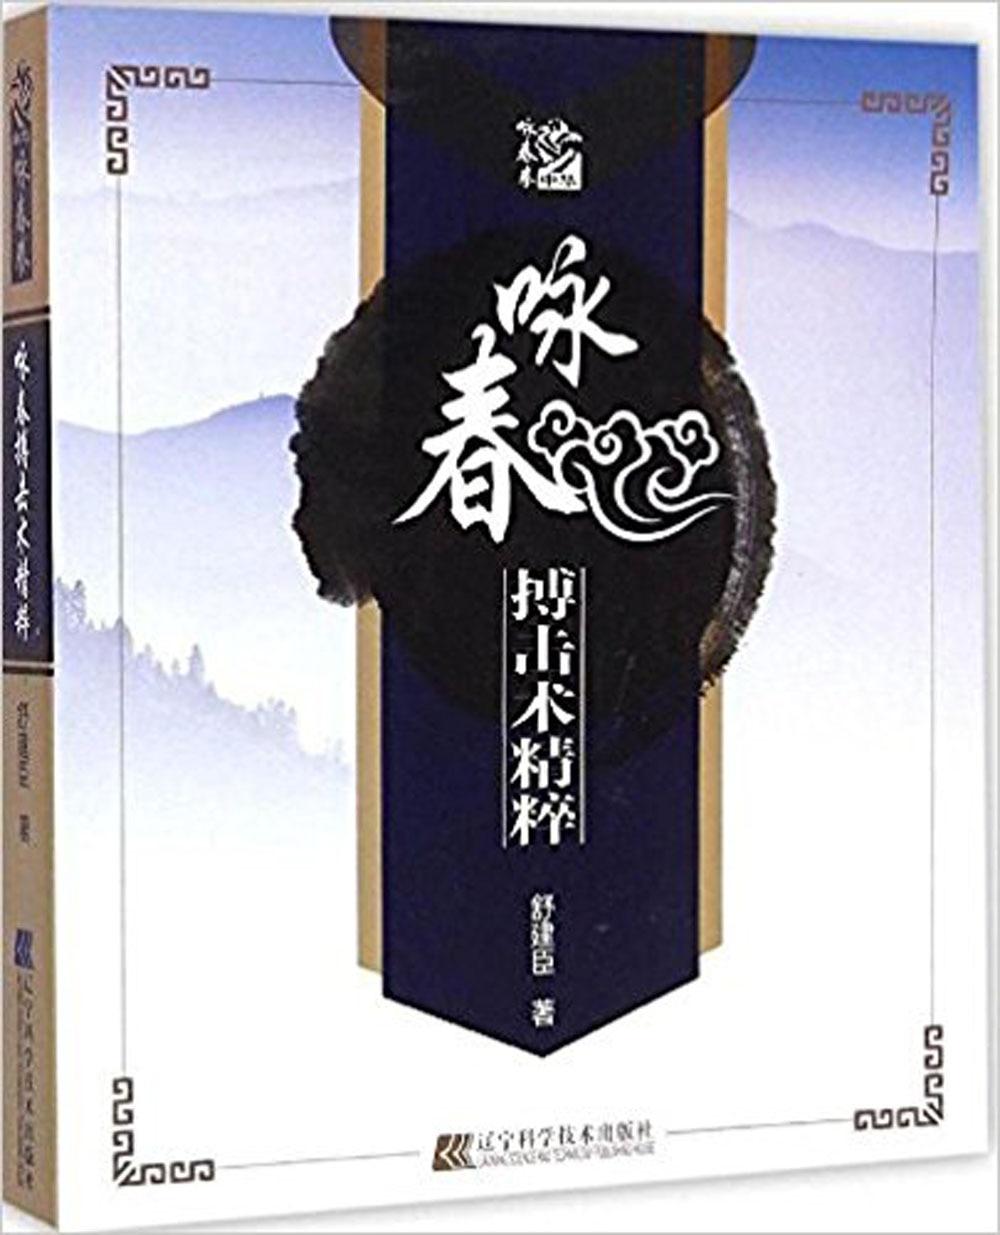 Chinese Wushu Kung Fu Book :Wing Chun Martial Art Essence Language Chinese